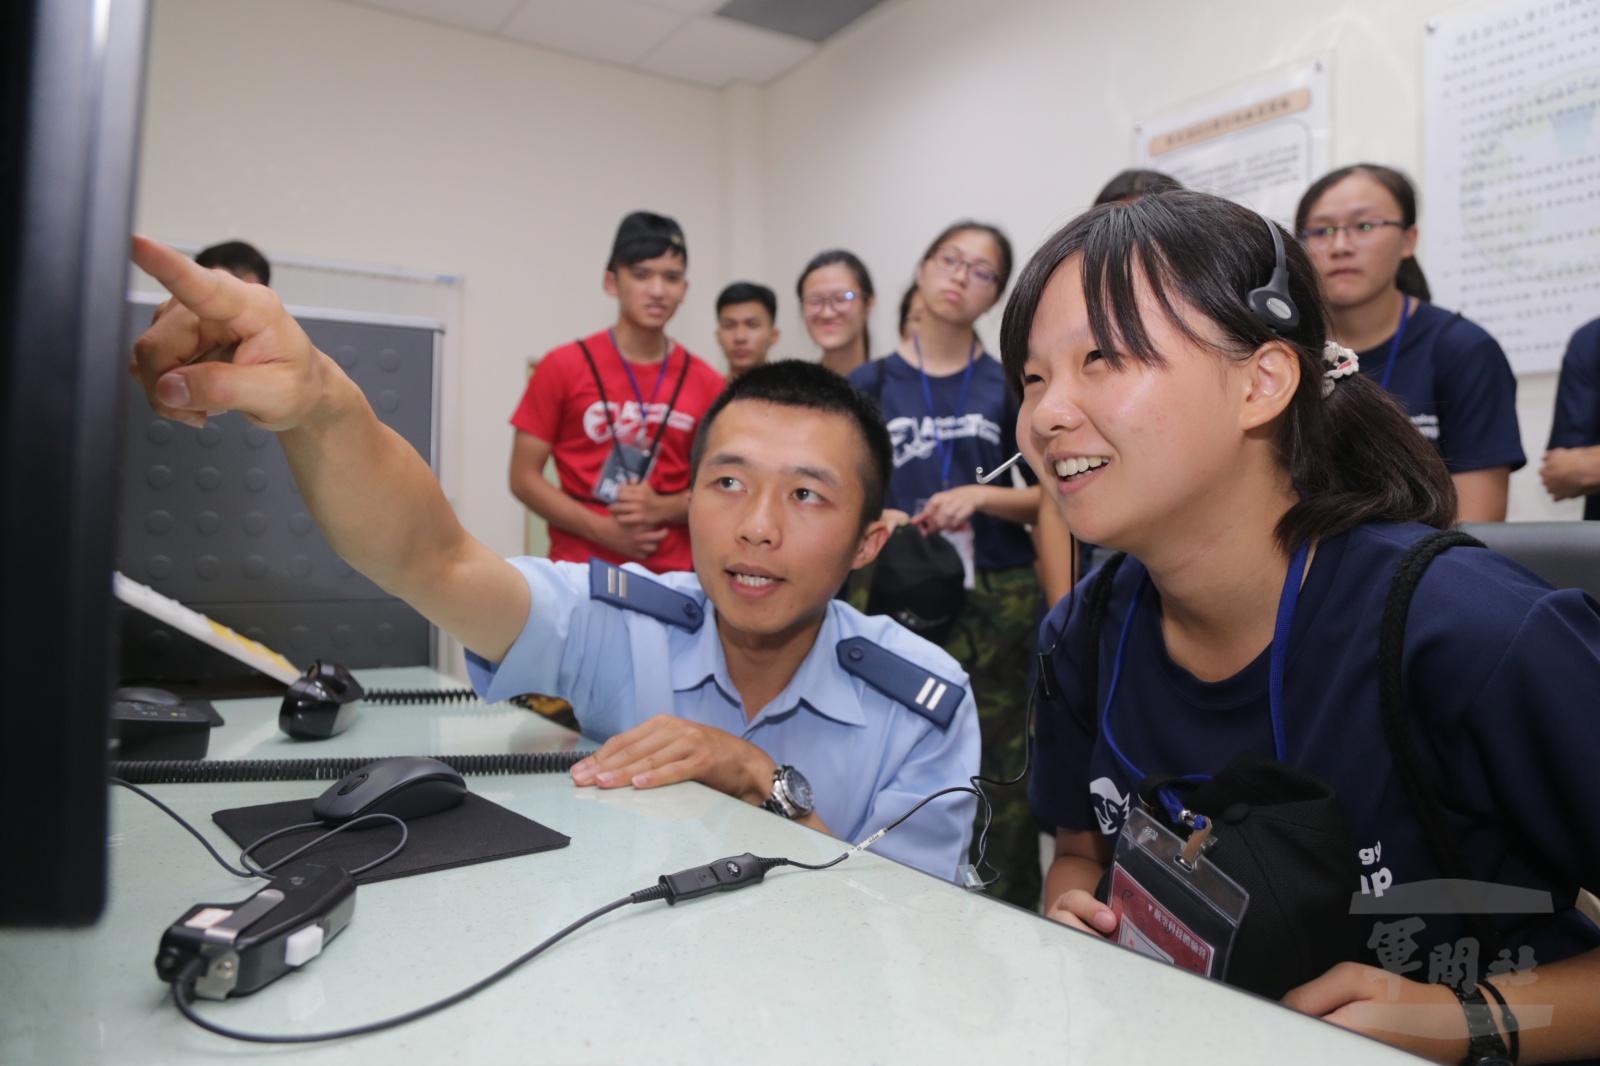 106年全民國防教育暑期戰鬥營-航空科技體驗營